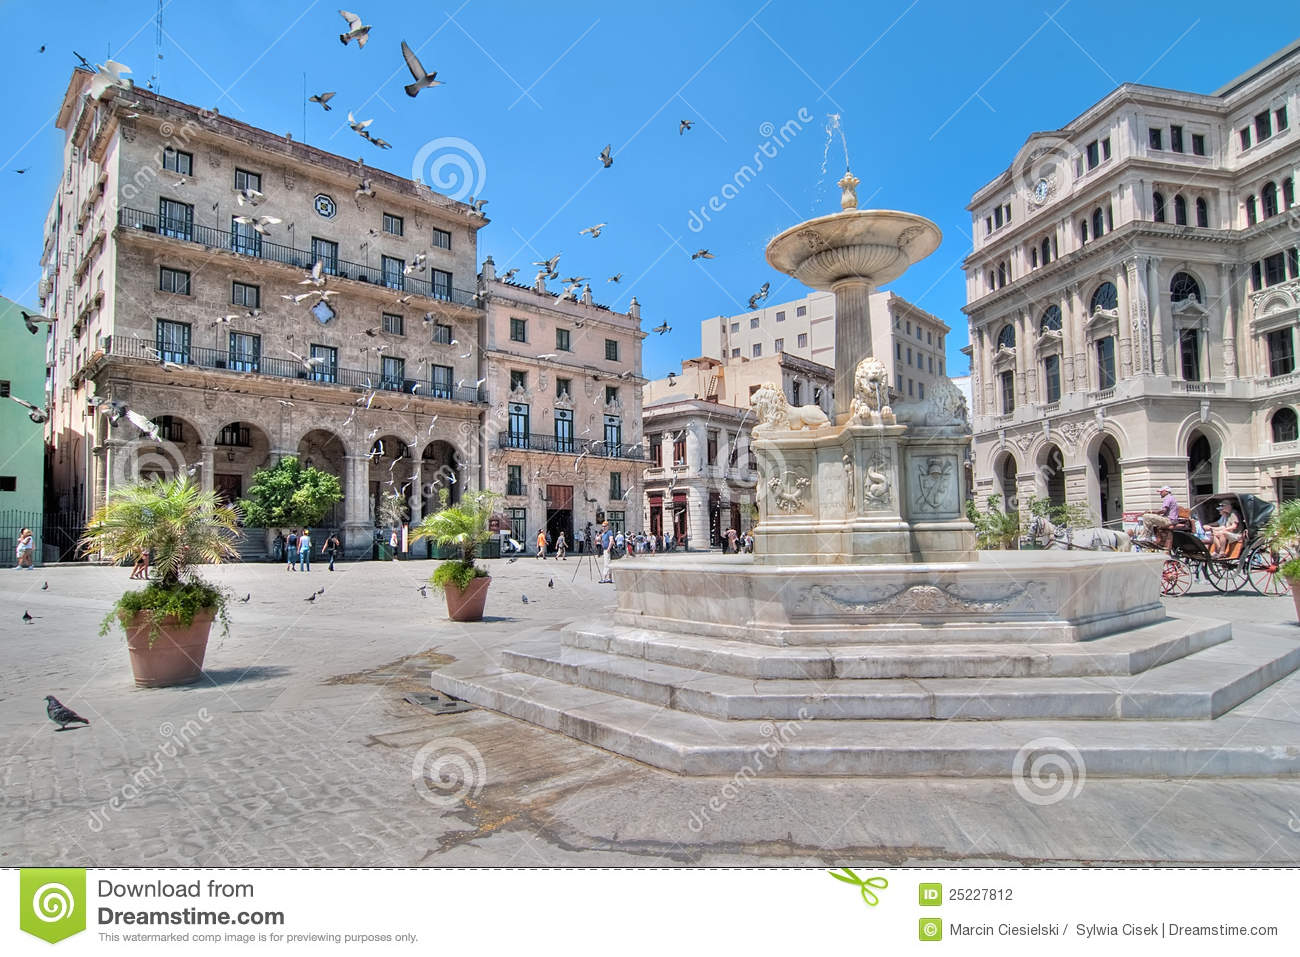 La plaza clipart.